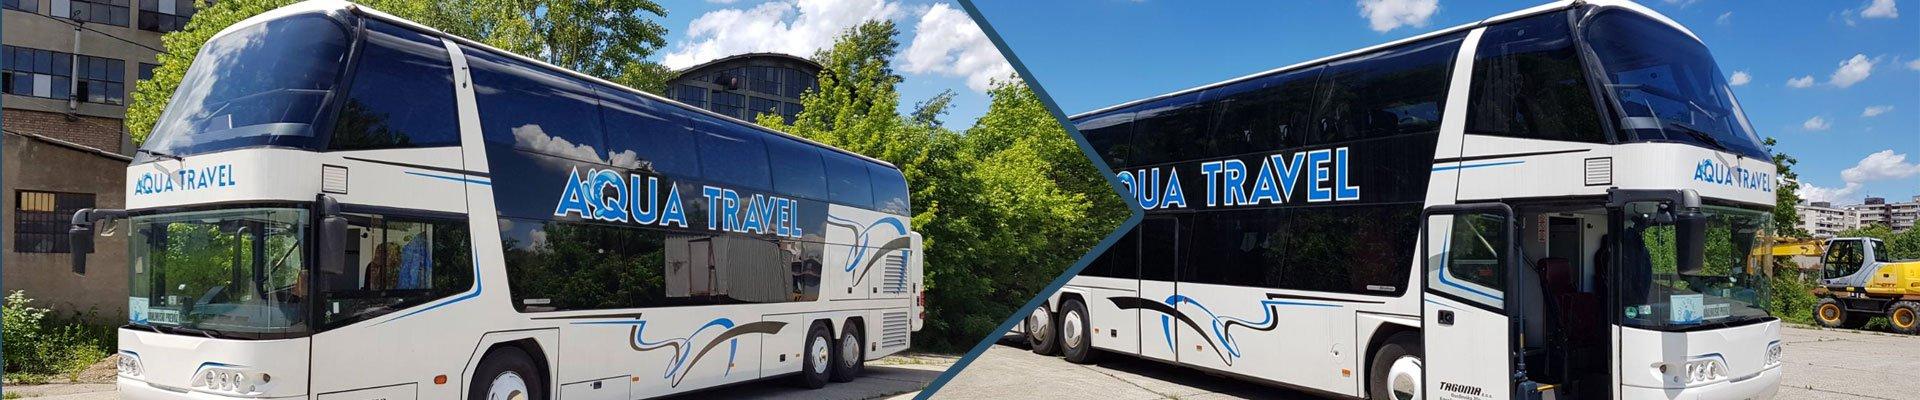 Iznajmljivanje putničkih autobusa